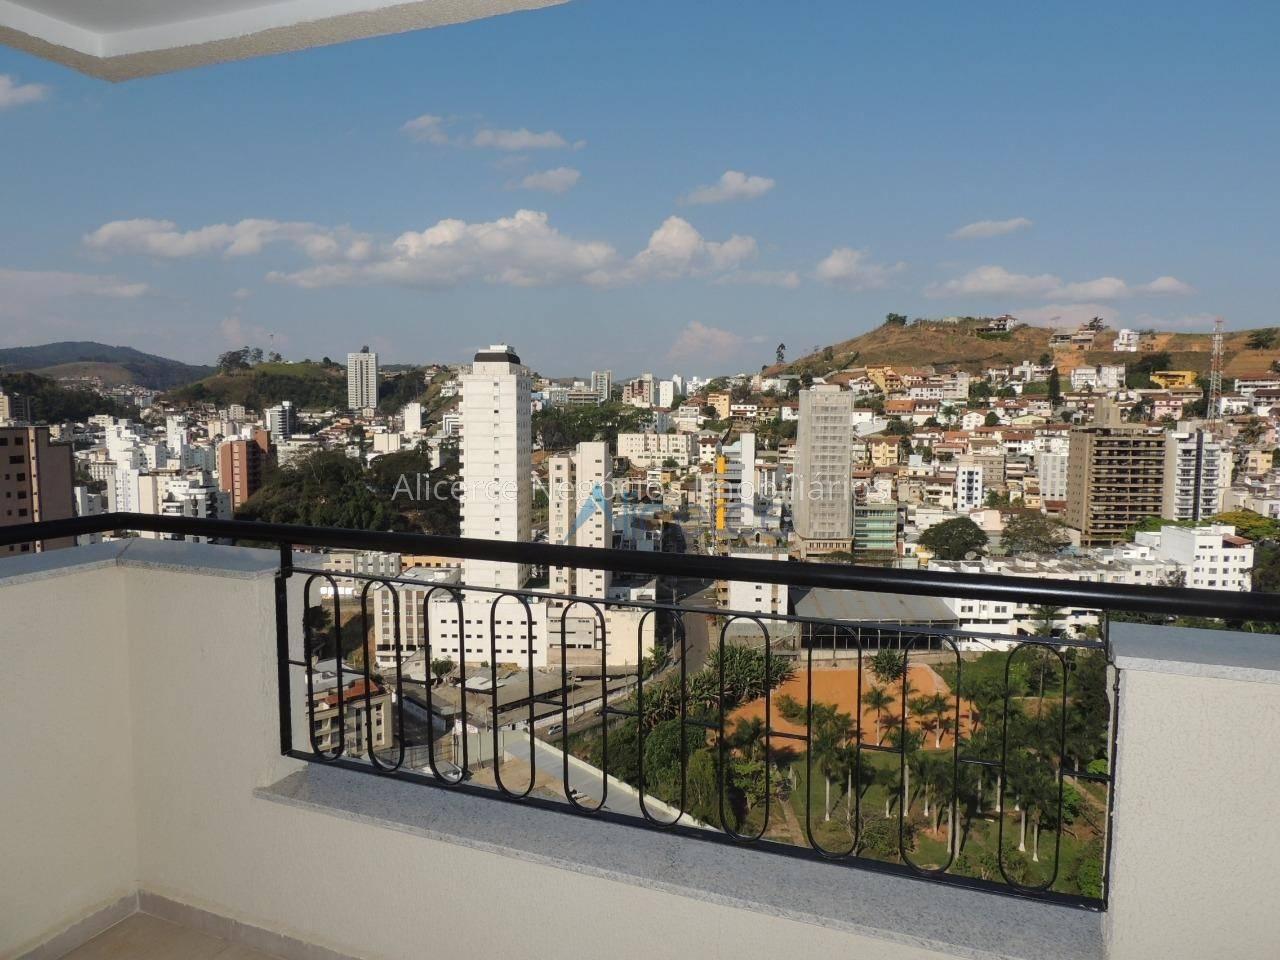 Apartamento com 2 quartos à venda, 75 m² por R$ 450.000 - Alto dos Passos - Juiz de Fora/MG